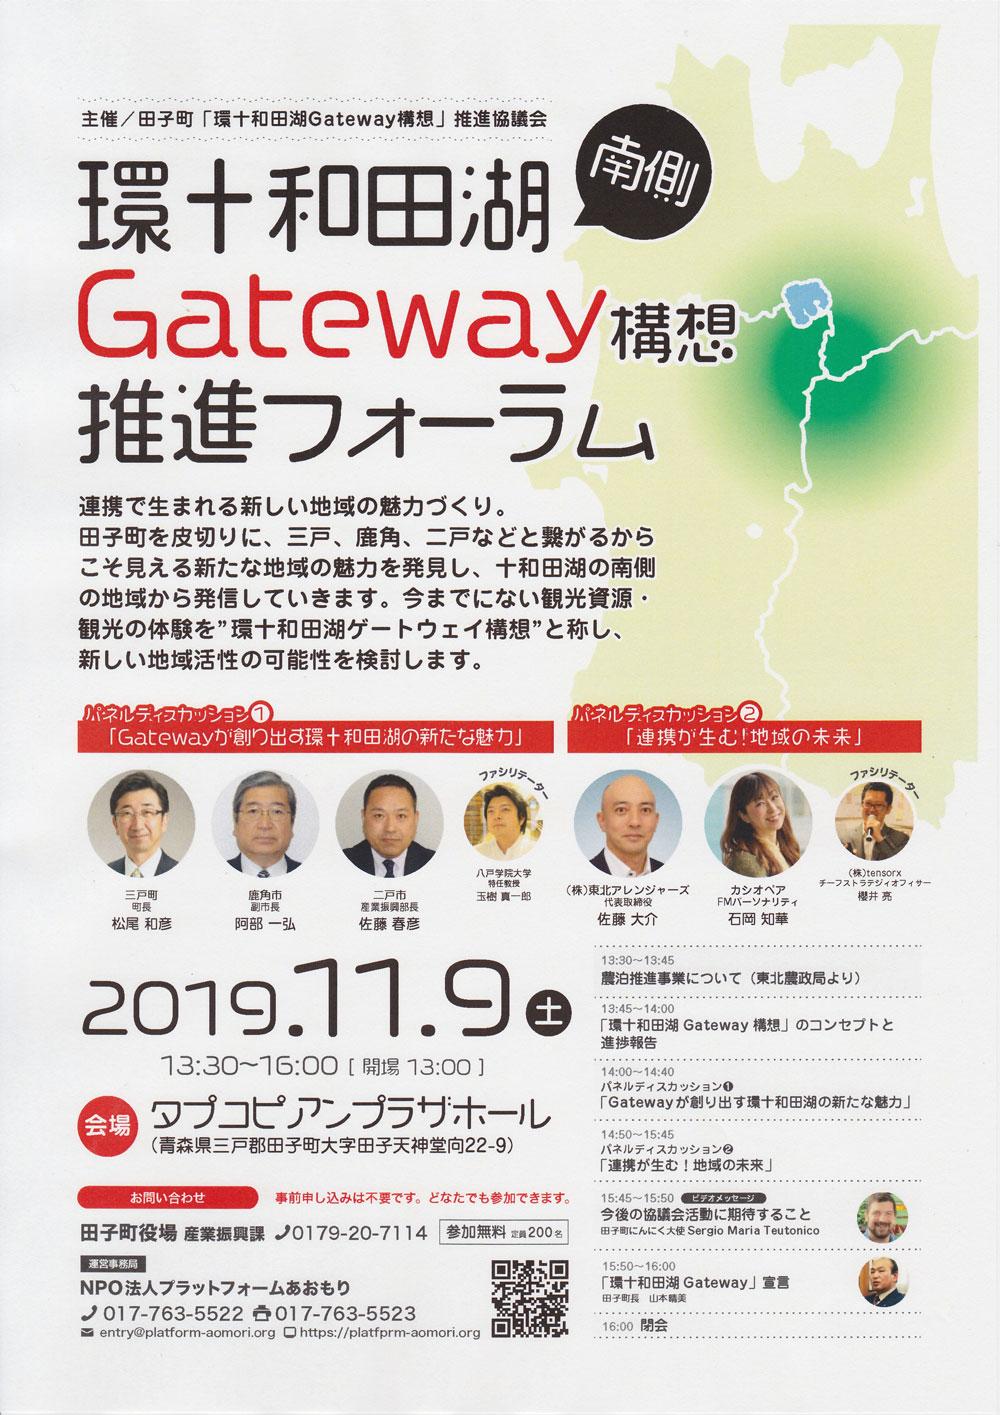 環十和田湖gatewaty構想推進フォーラム